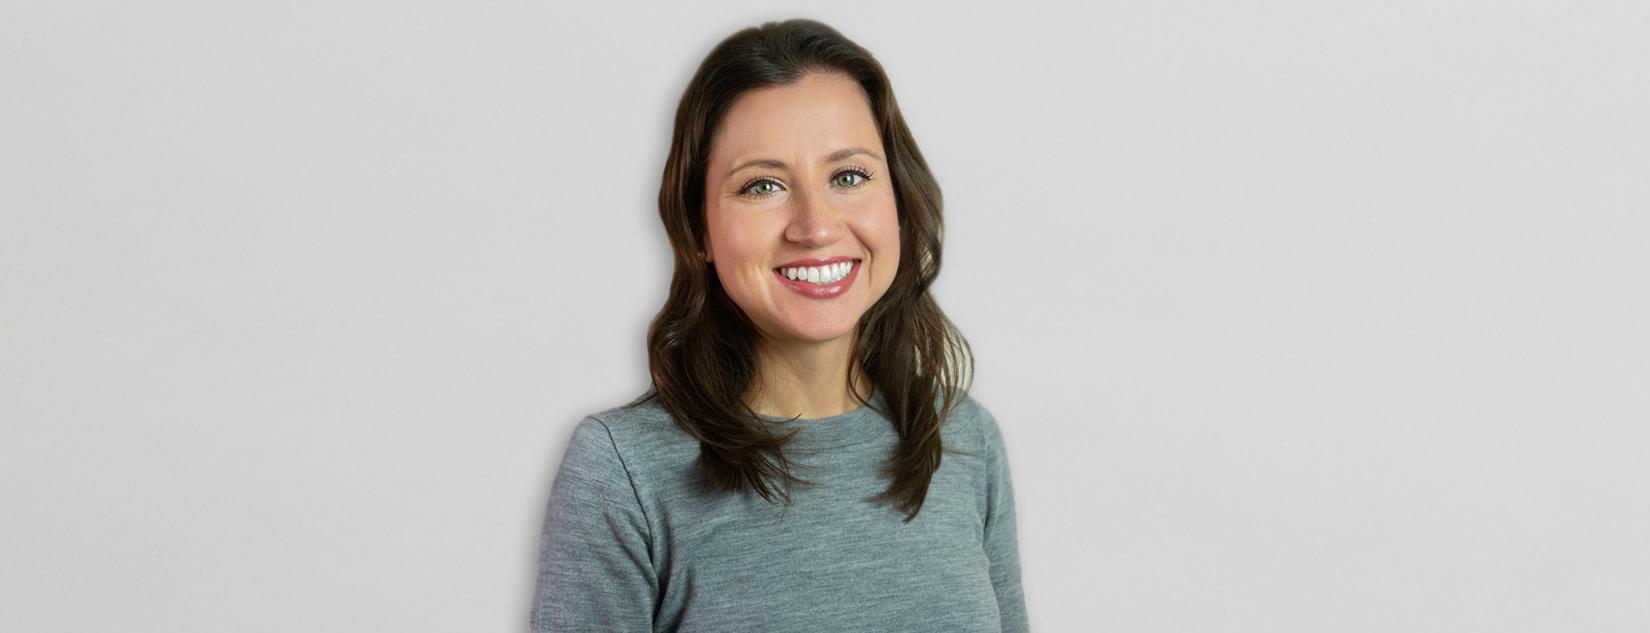 Kristen Worsham